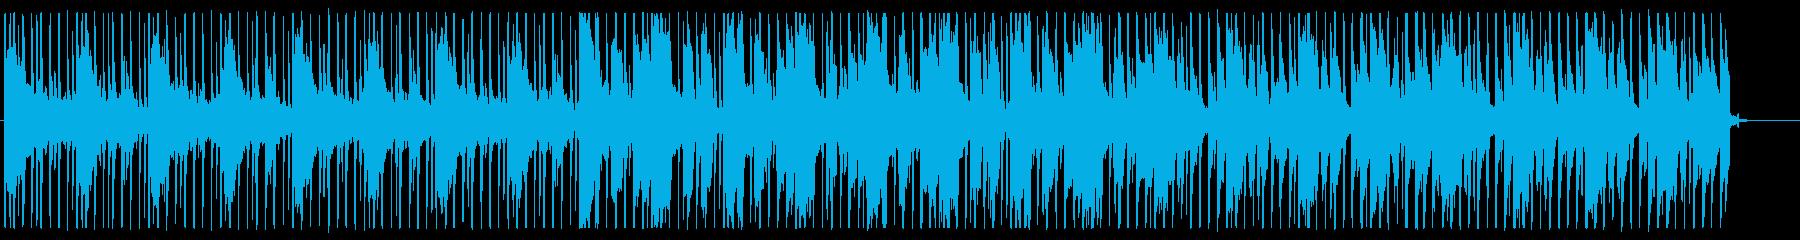 怪しげなヒップホップ_No585_2の再生済みの波形